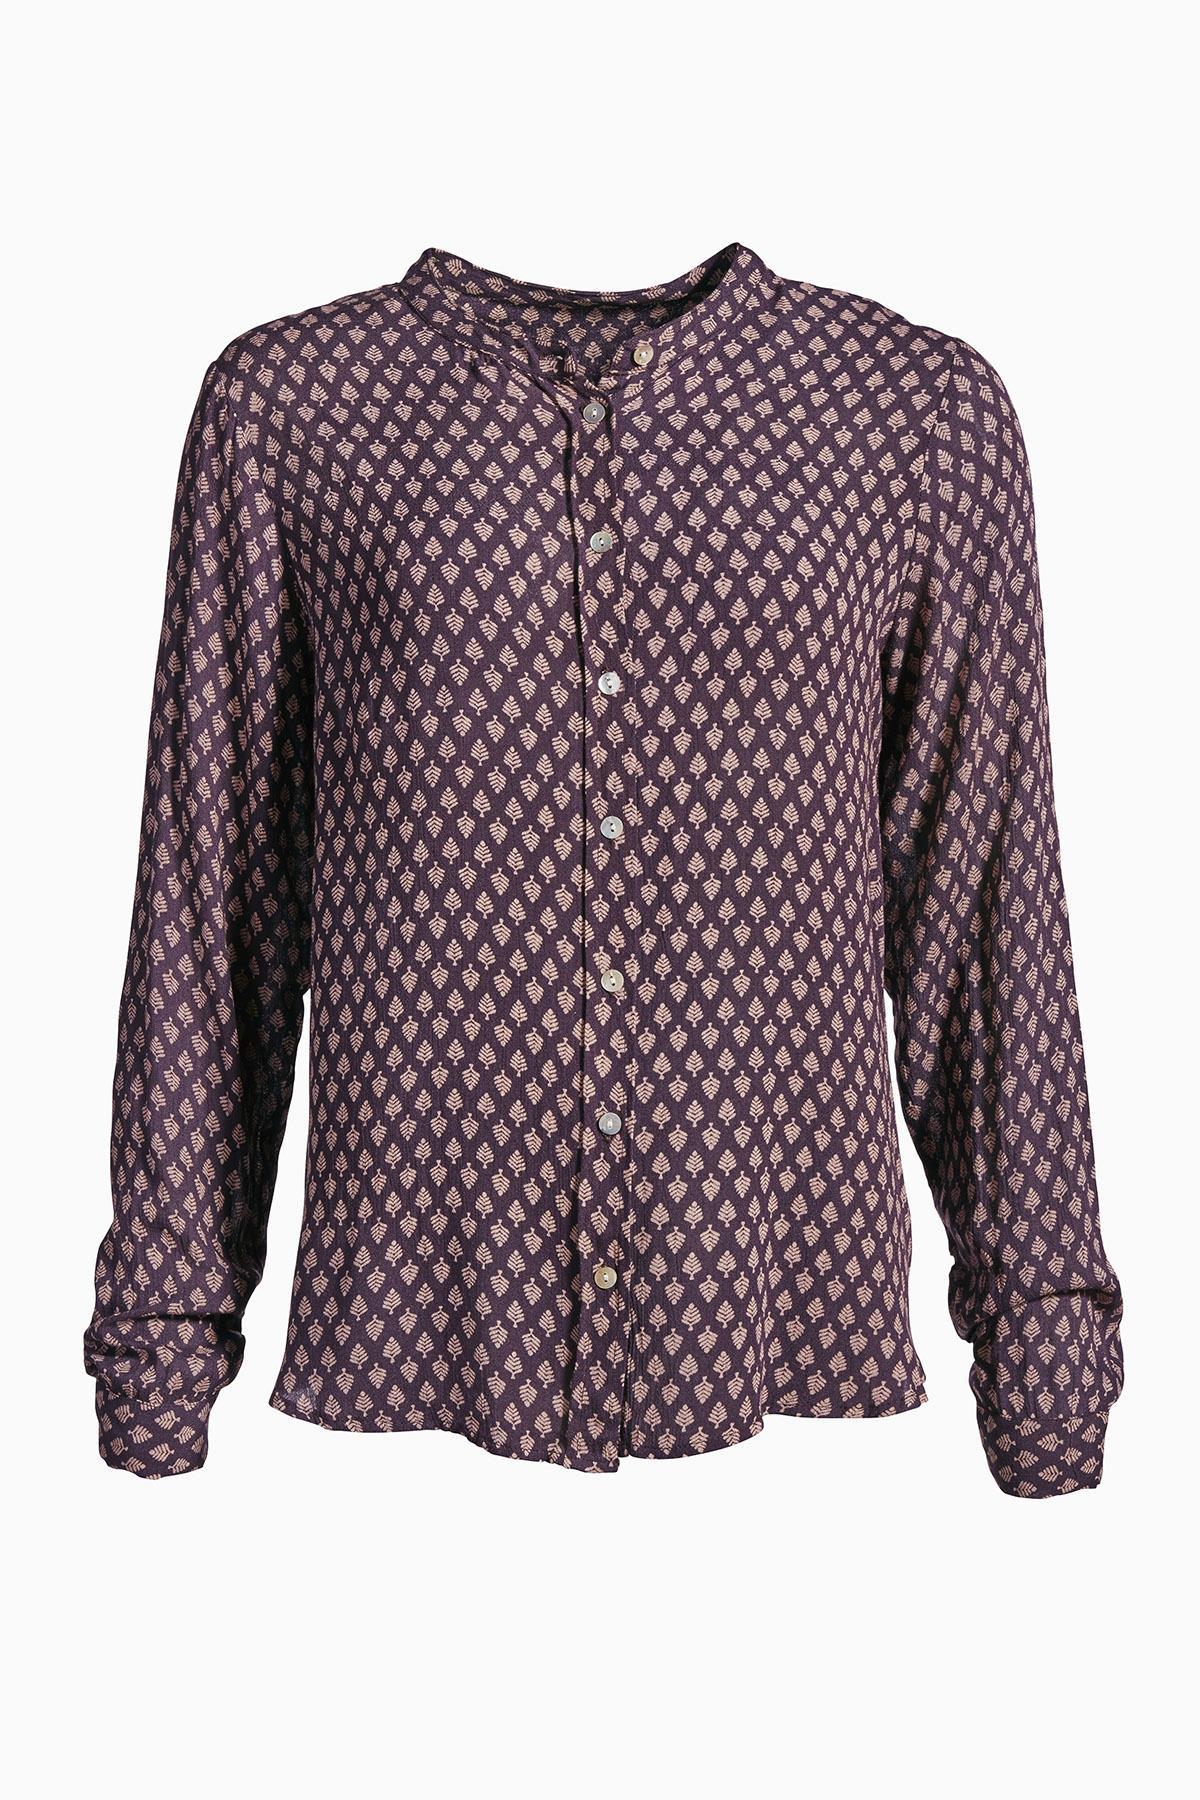 Plum Perfect Langærmet skjorte fra Kaffe – Køb Plum Perfect Langærmet skjorte fra str. 34-46 her